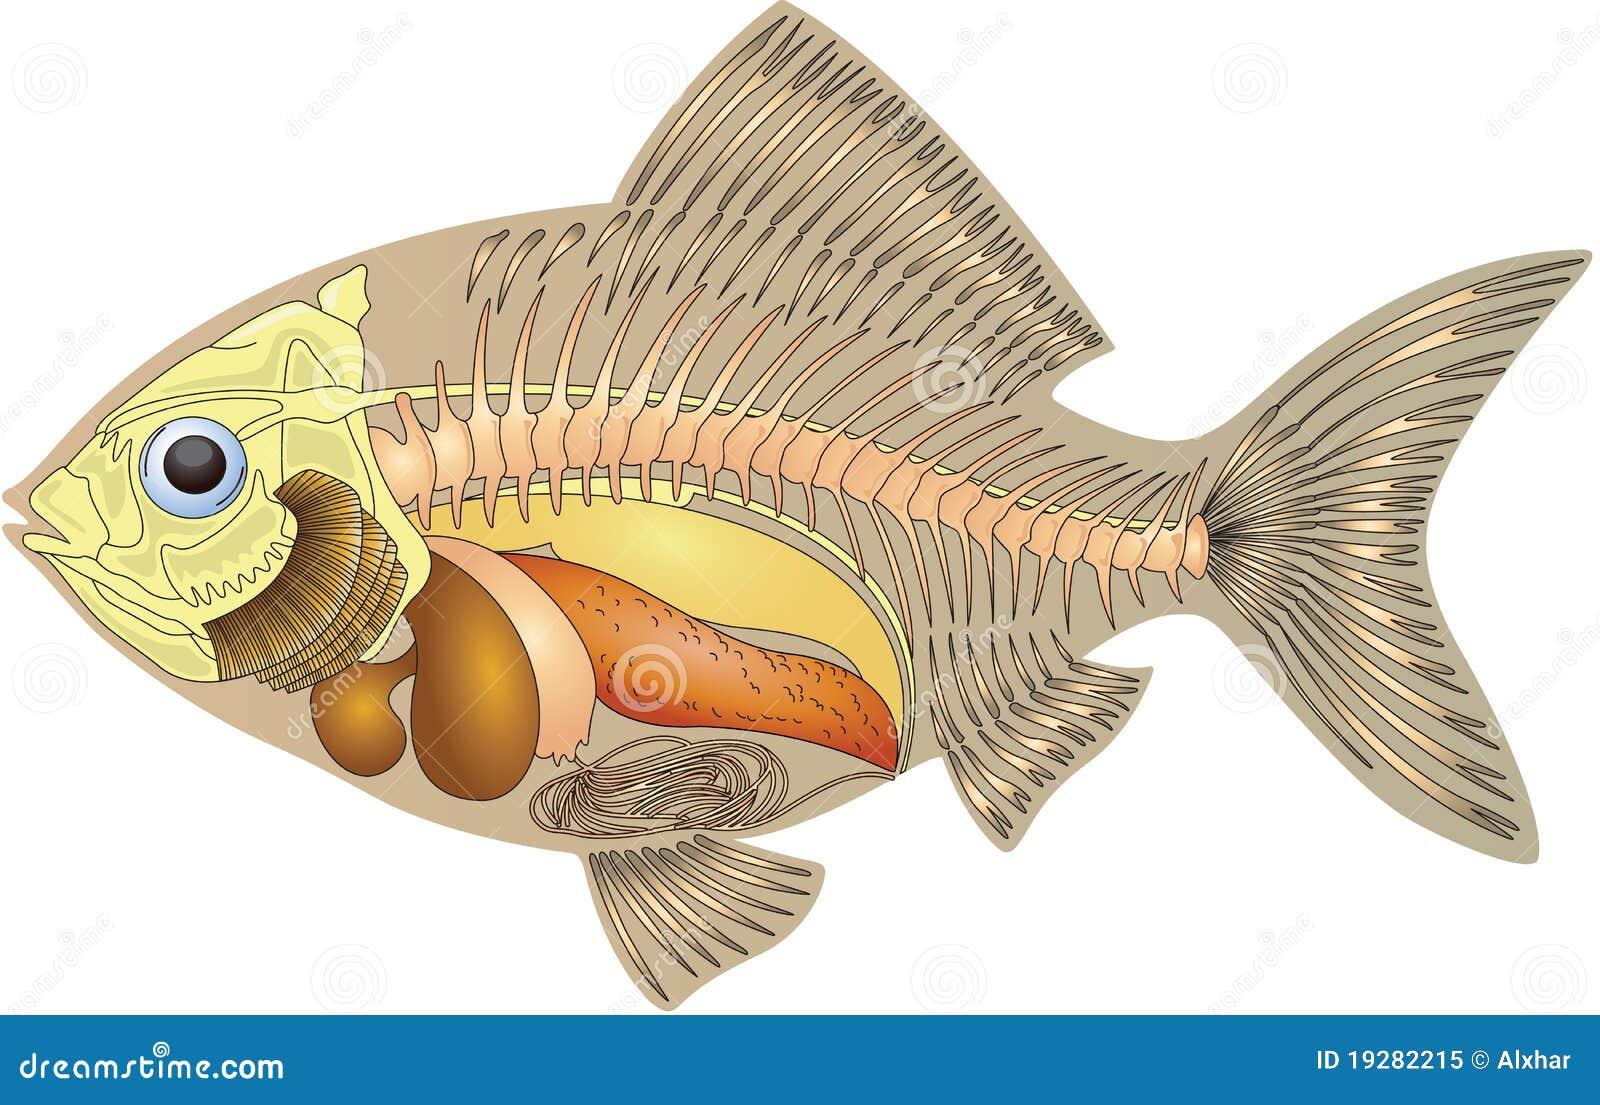 Anatomie eines Fisches stock abbildung. Illustration von biologie ...